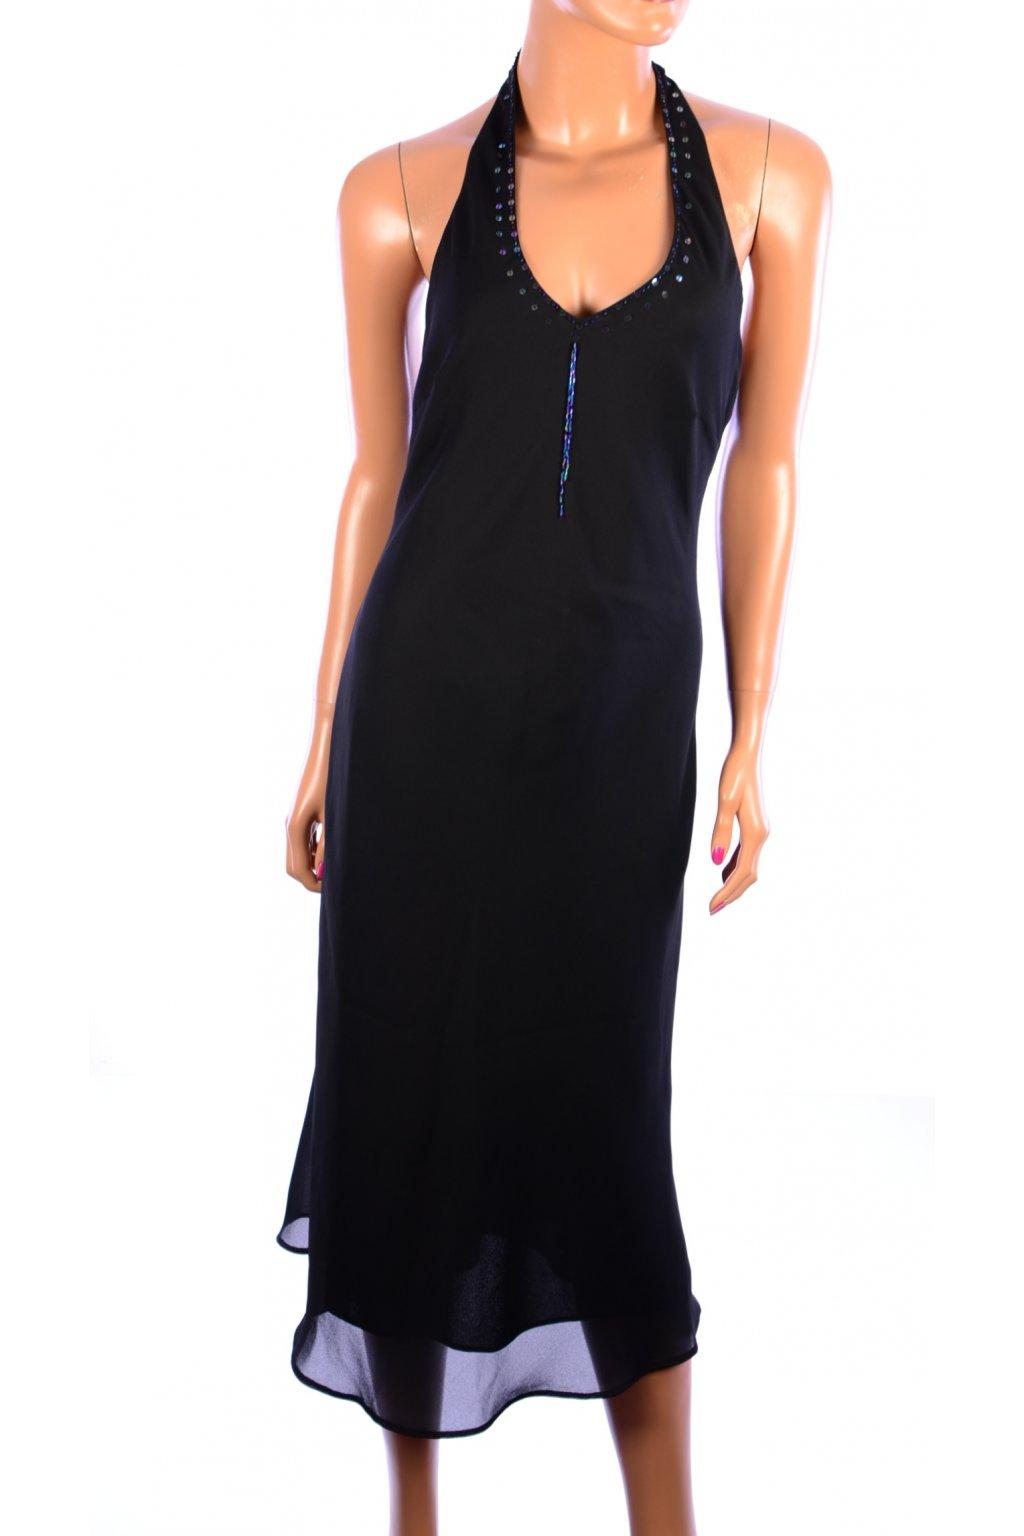 Šaty C&A dlouhé černé vel. 38 / S